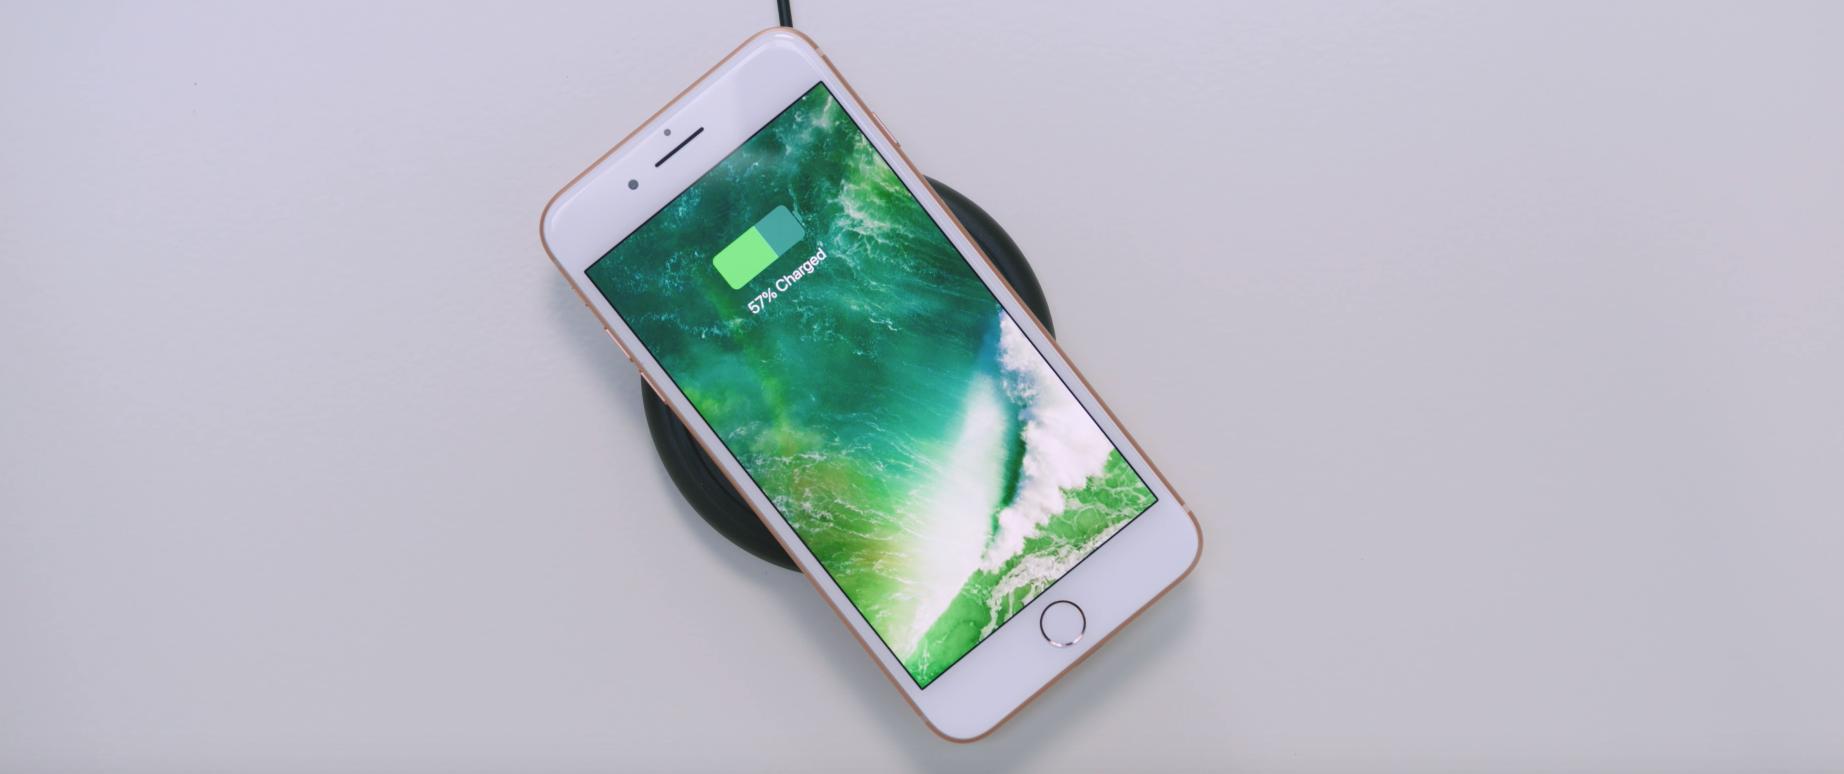 iPhone 8 Plus использования беспроводной зарядки стандарта Q